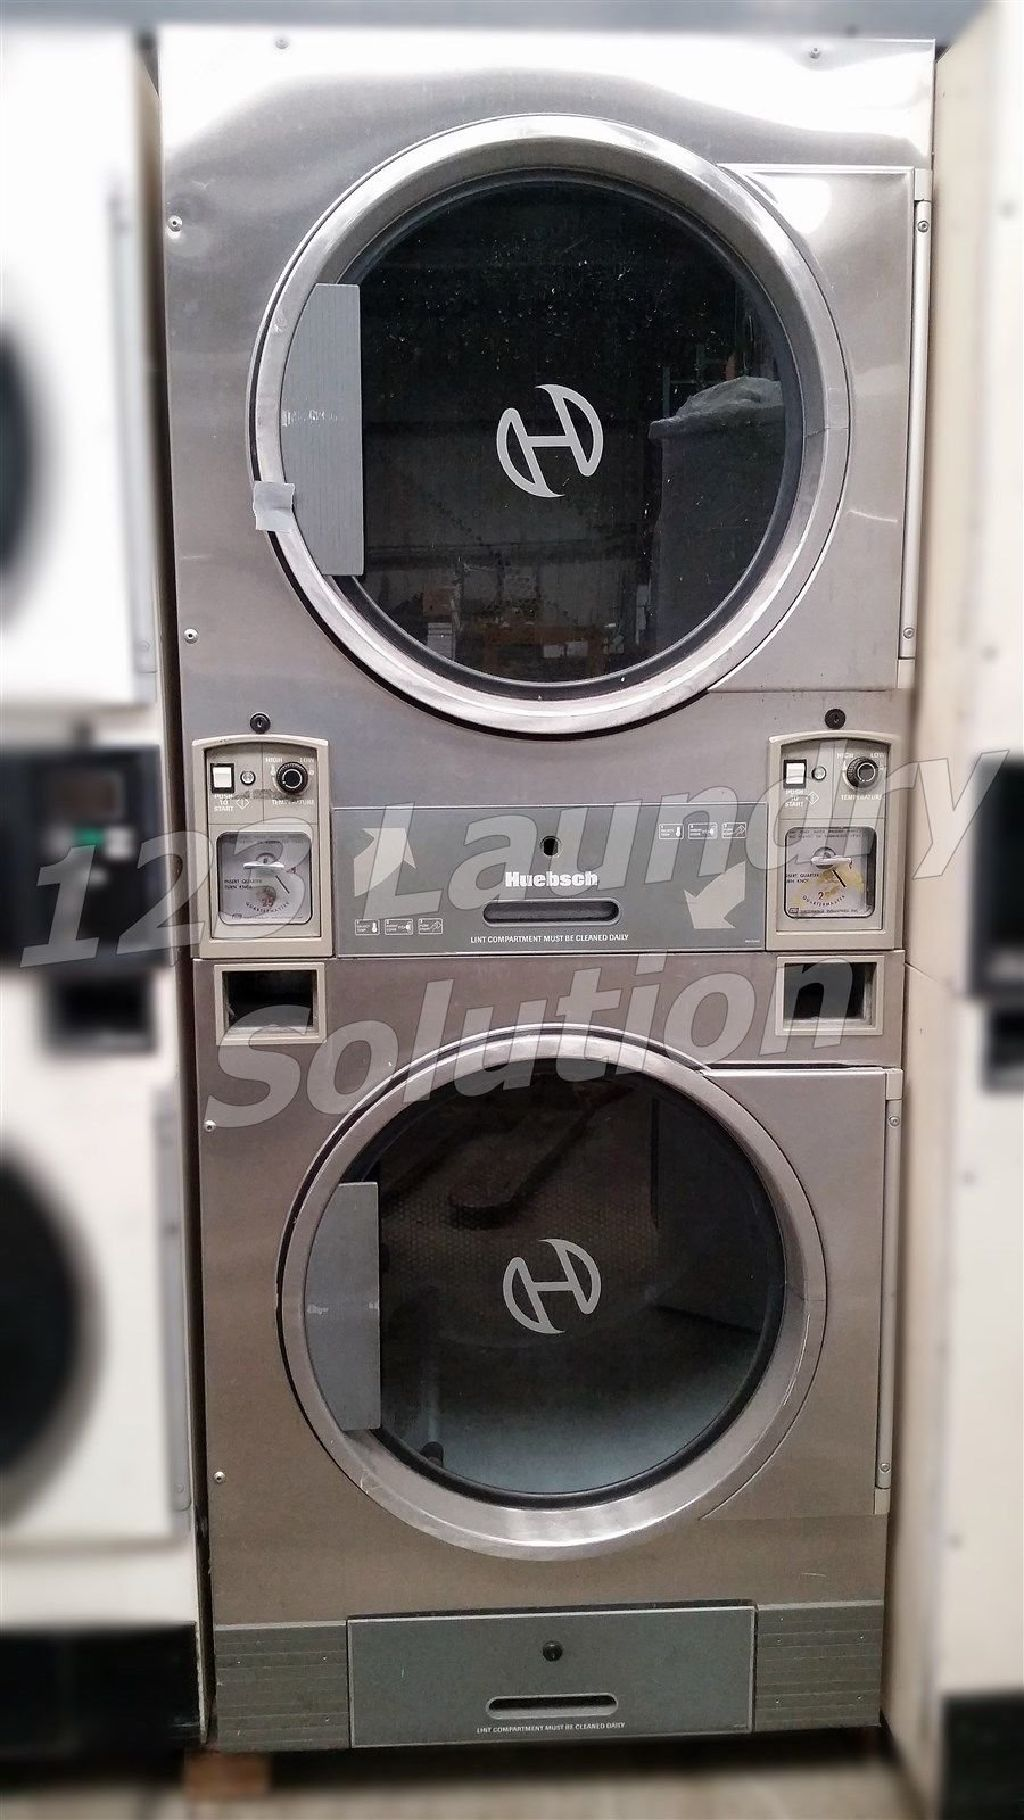 For Sale Huebsch Stack Dryer Coin Op 30lb Jt0300drg 120v